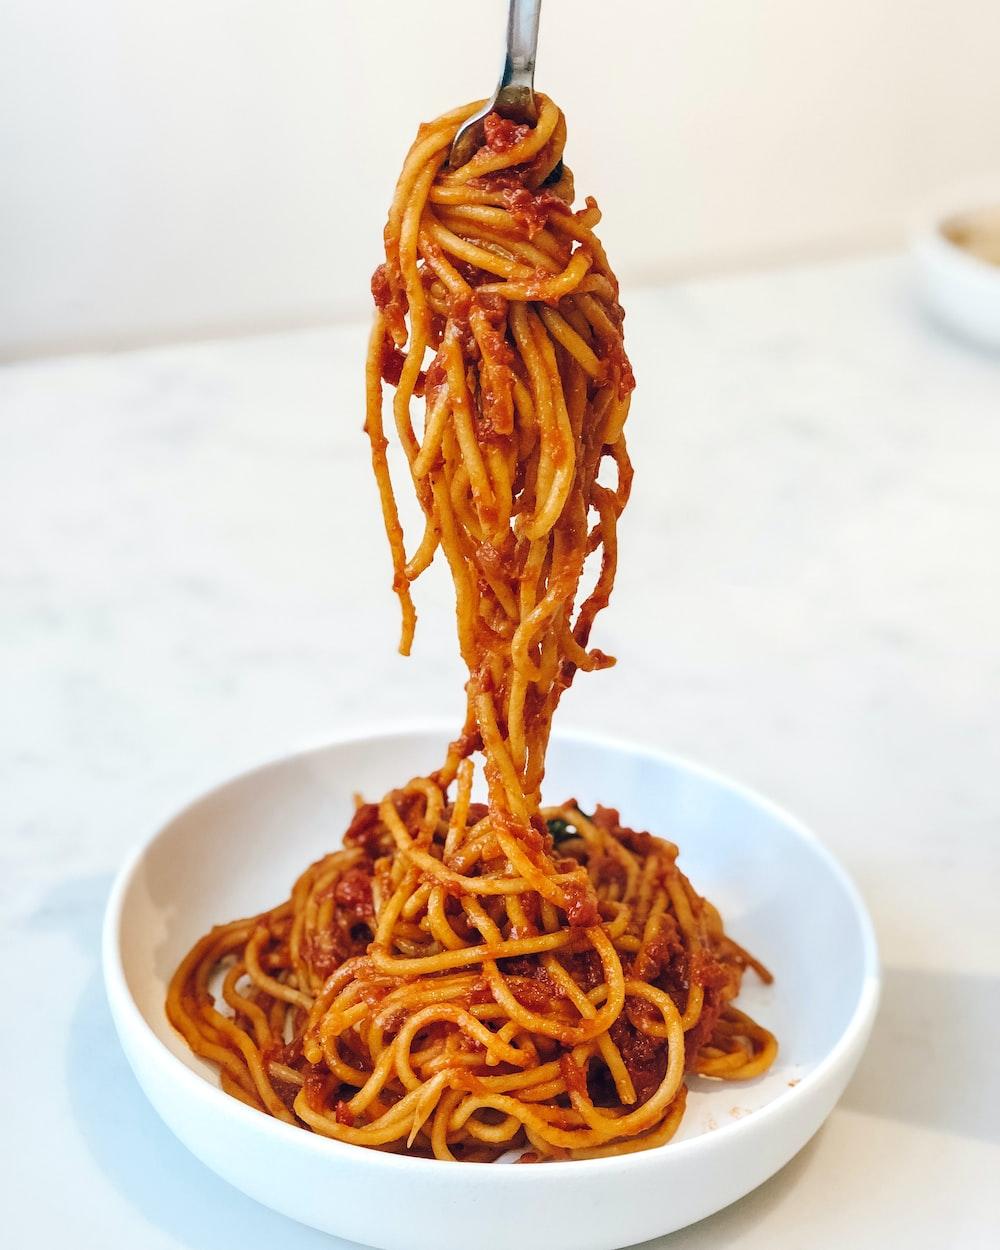 pasta in white ceramic bowl